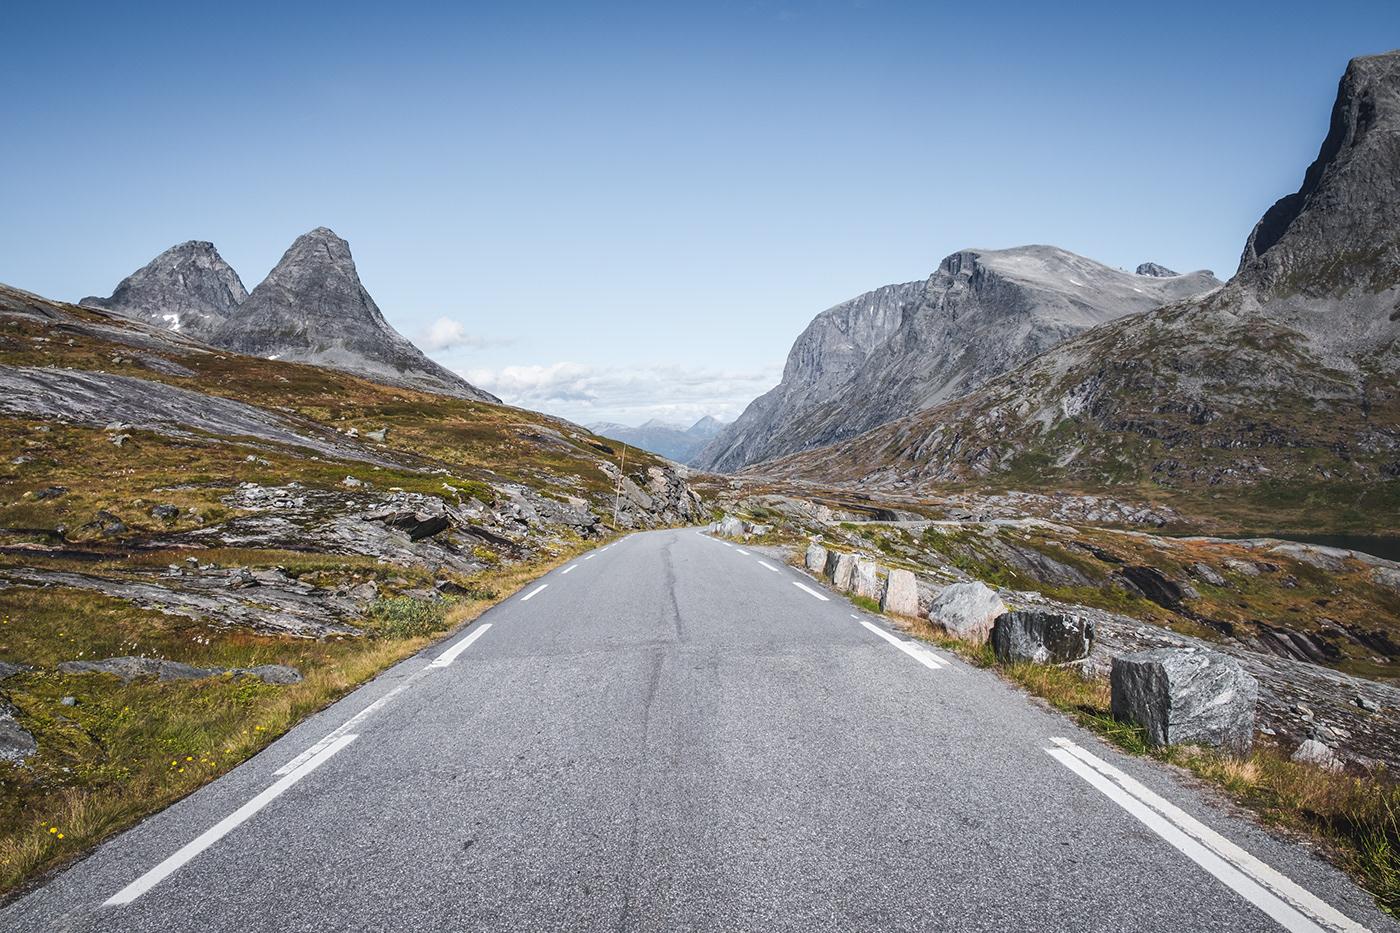 18 fotografias inspiradoras de uma viagem de carro pela Noruega